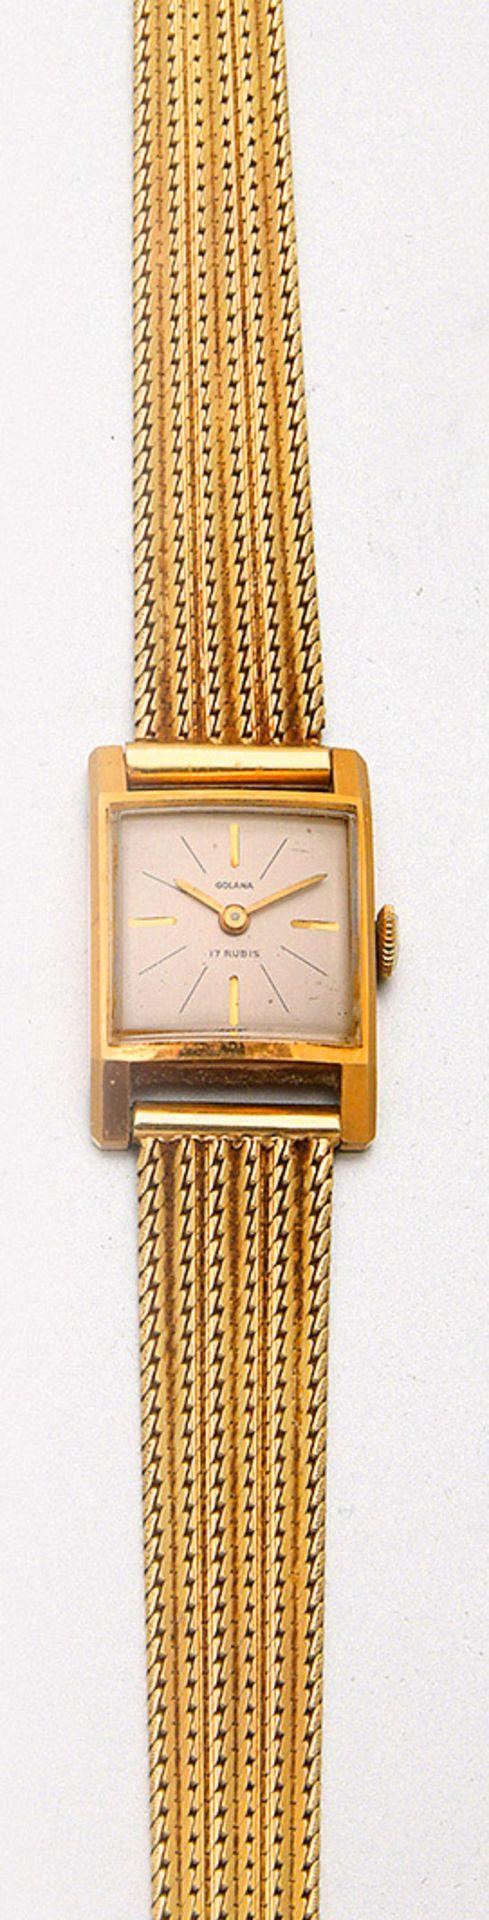 Golana-Damenarmbanduhr aus den 60er Jahren